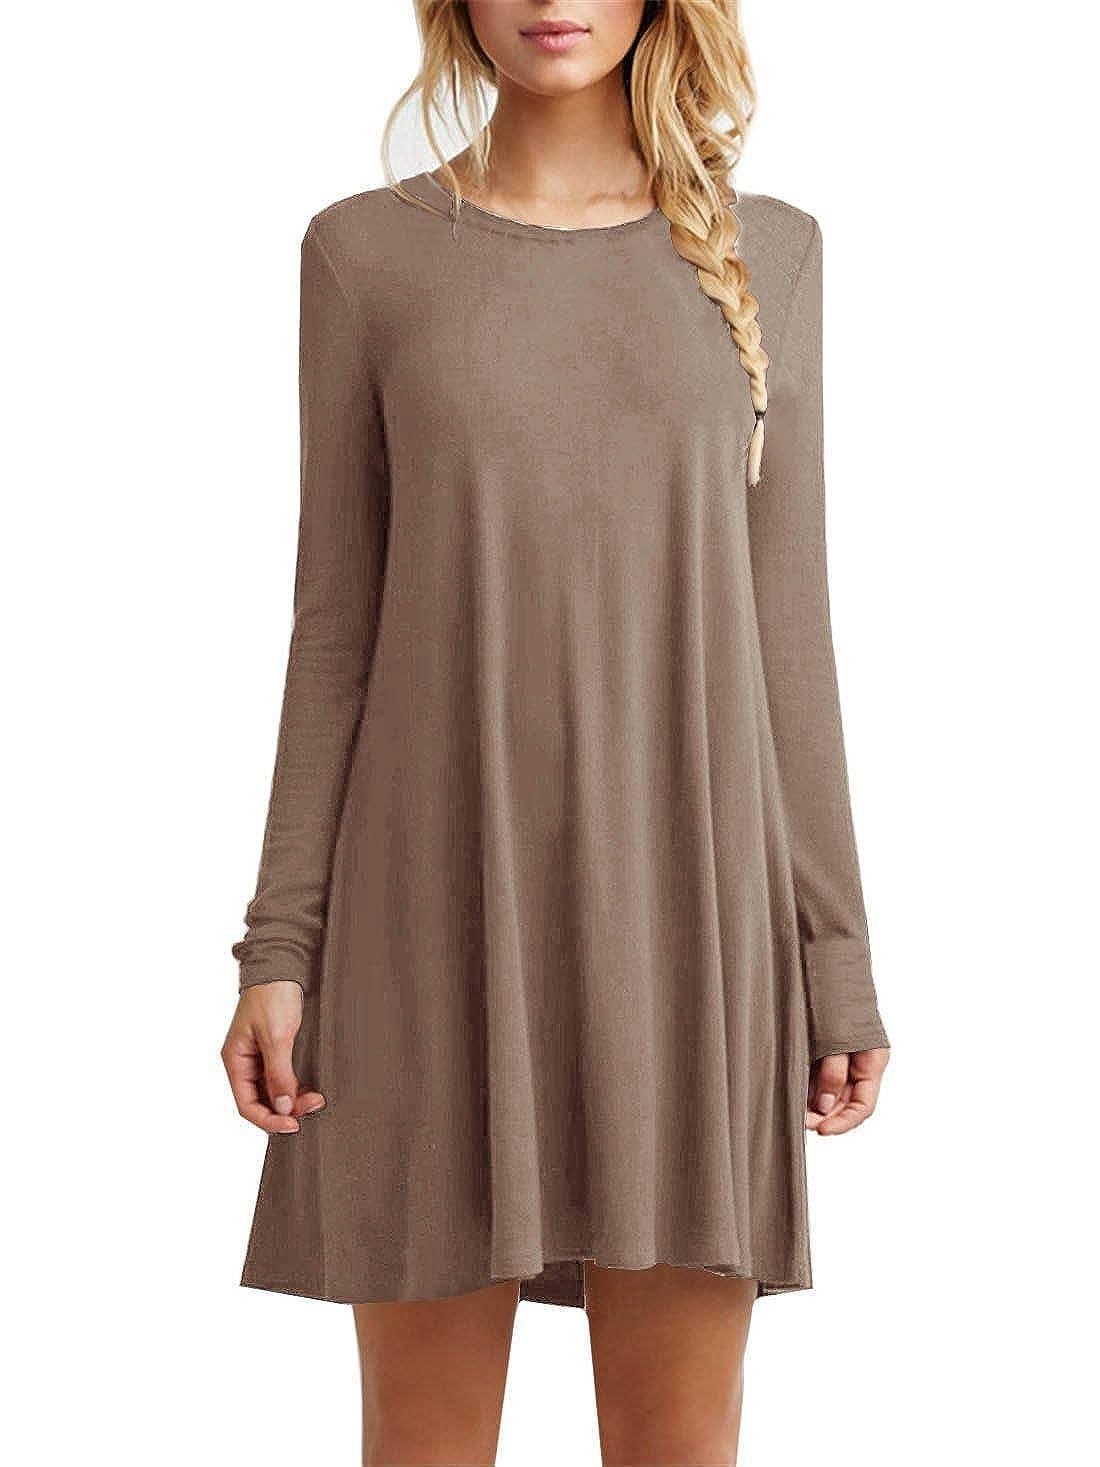 Toponsky Womens Casual Plain Long Sleeve Simple T Shirt Loose Swing